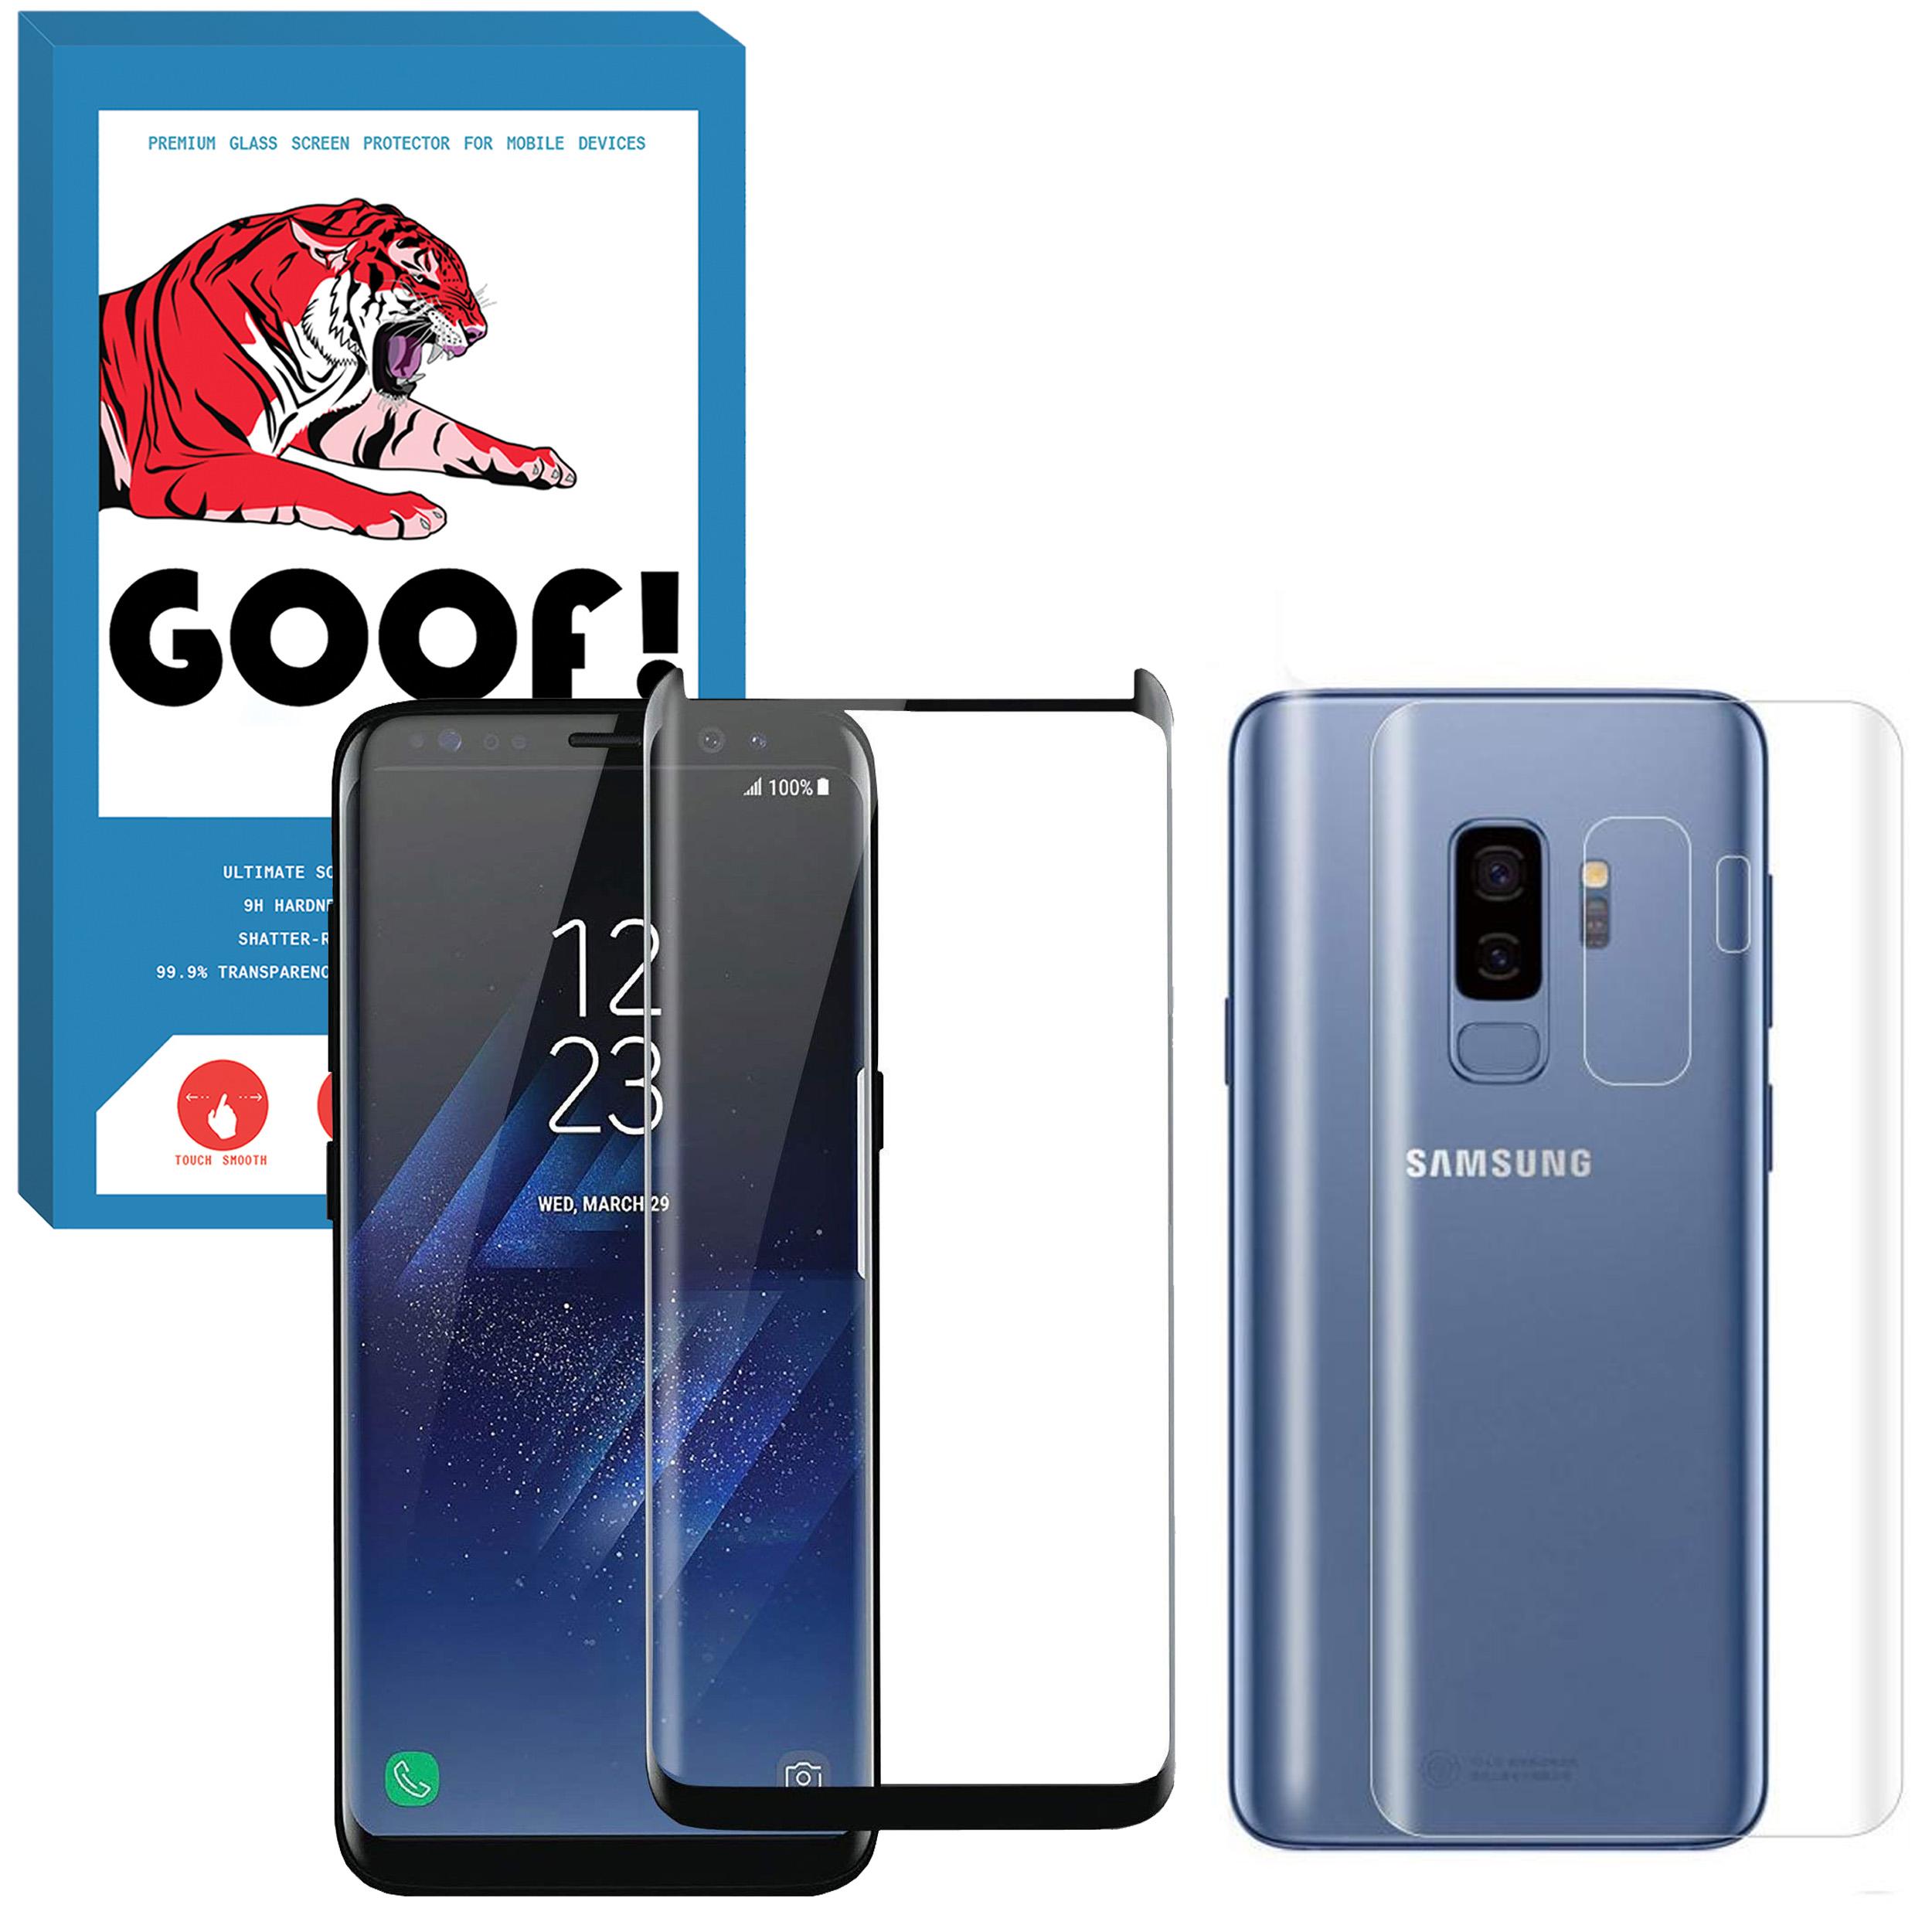 محافظ صفحه نمایش گوف مدل FUG-022 مناسب برای گوشی موبایل سامسونگ Galaxy S9 Plus به همراه محافظ پشت گوشی مدل TPG-022